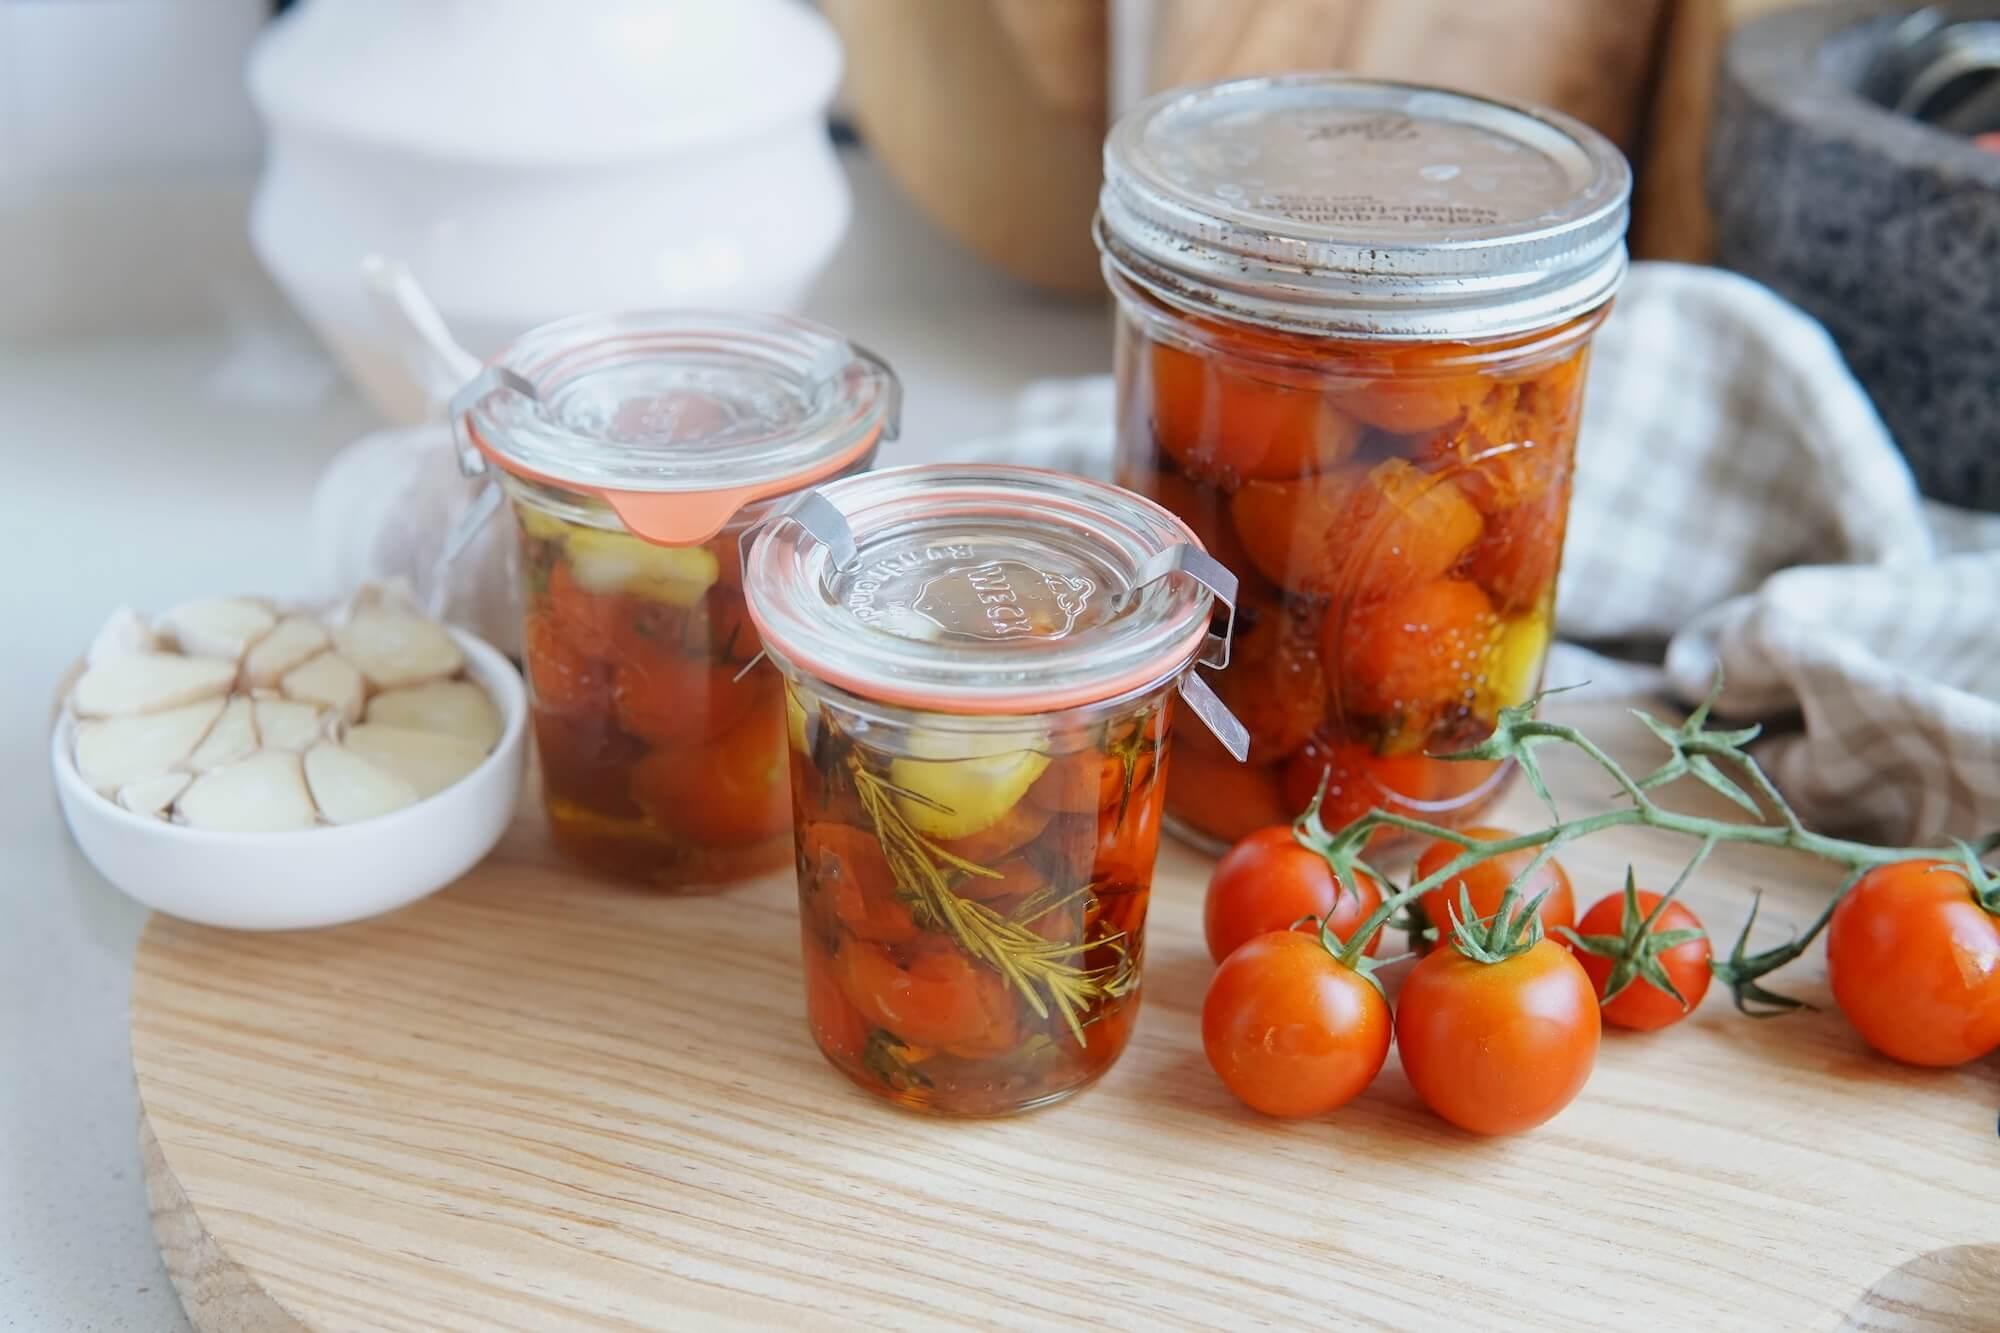 Tomates cherry confitados en sartén